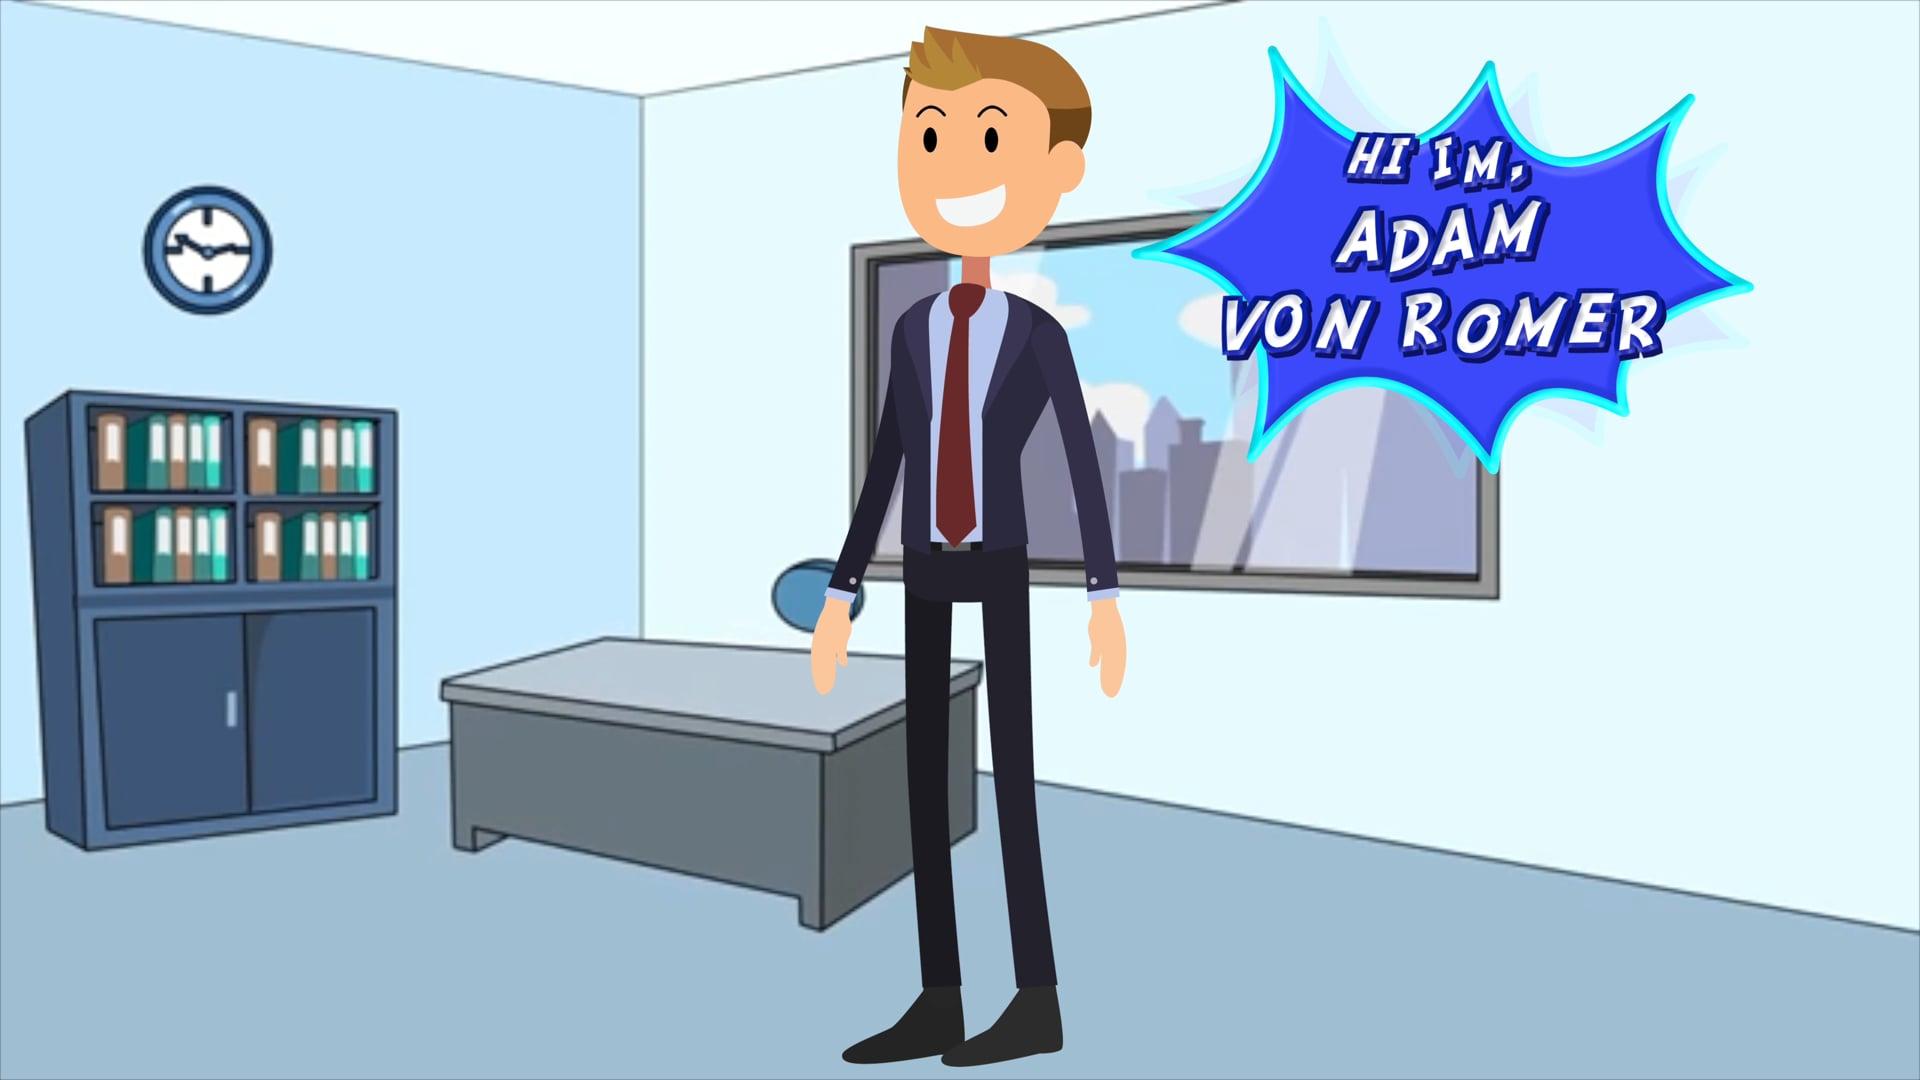 AVR SOCIAL MEDIA PROMOTION